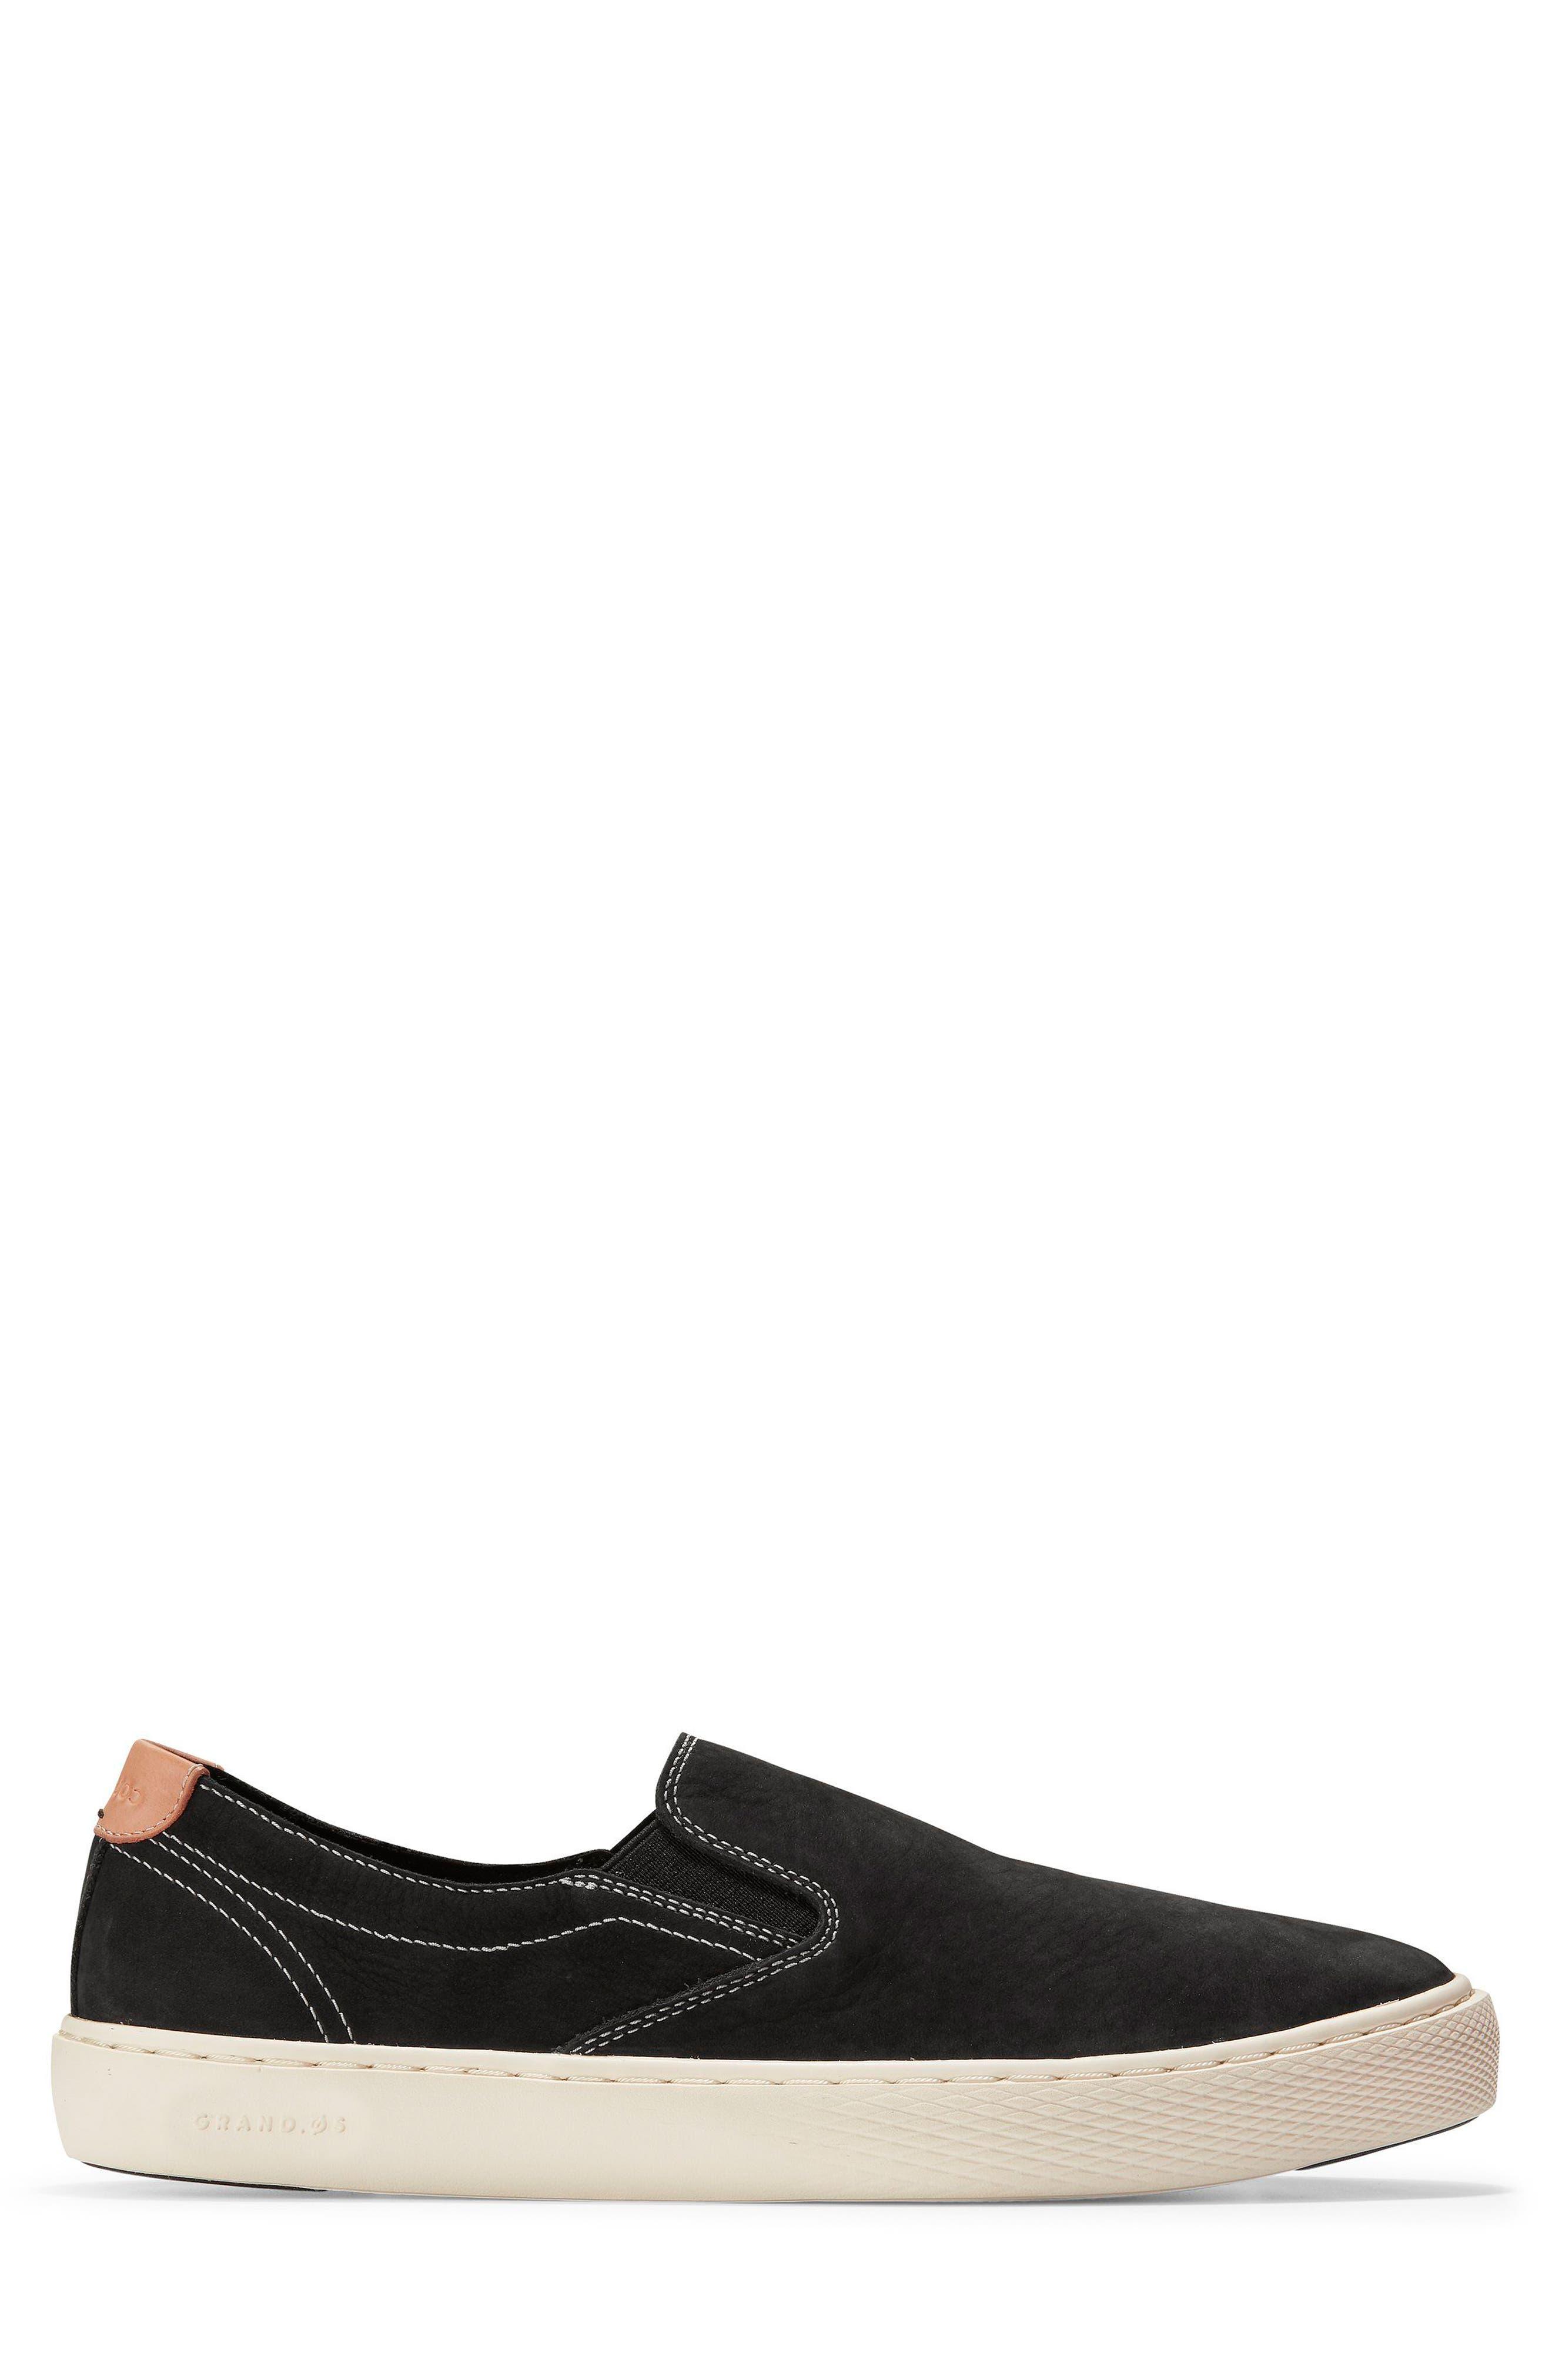 GrandPrø Deck Slip-On Sneaker,                             Alternate thumbnail 3, color,                             BLACK NUBUCK